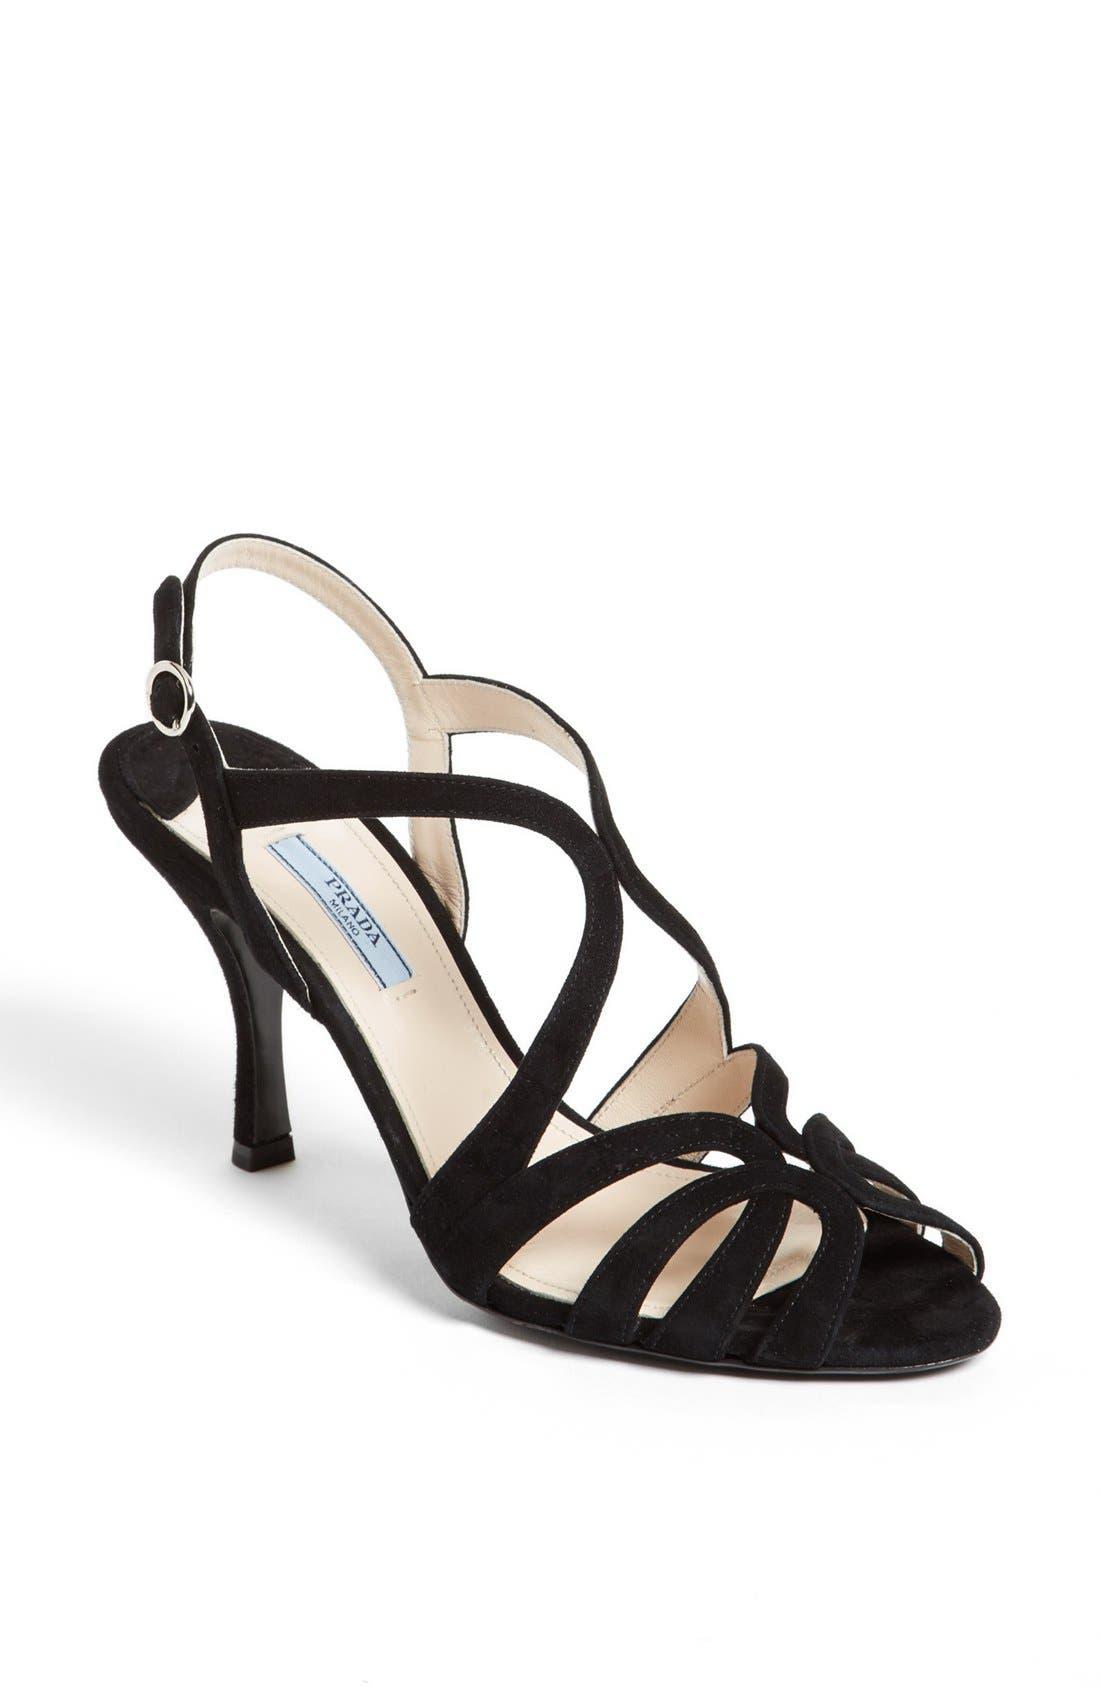 Main Image - Prada Strappy Sandal